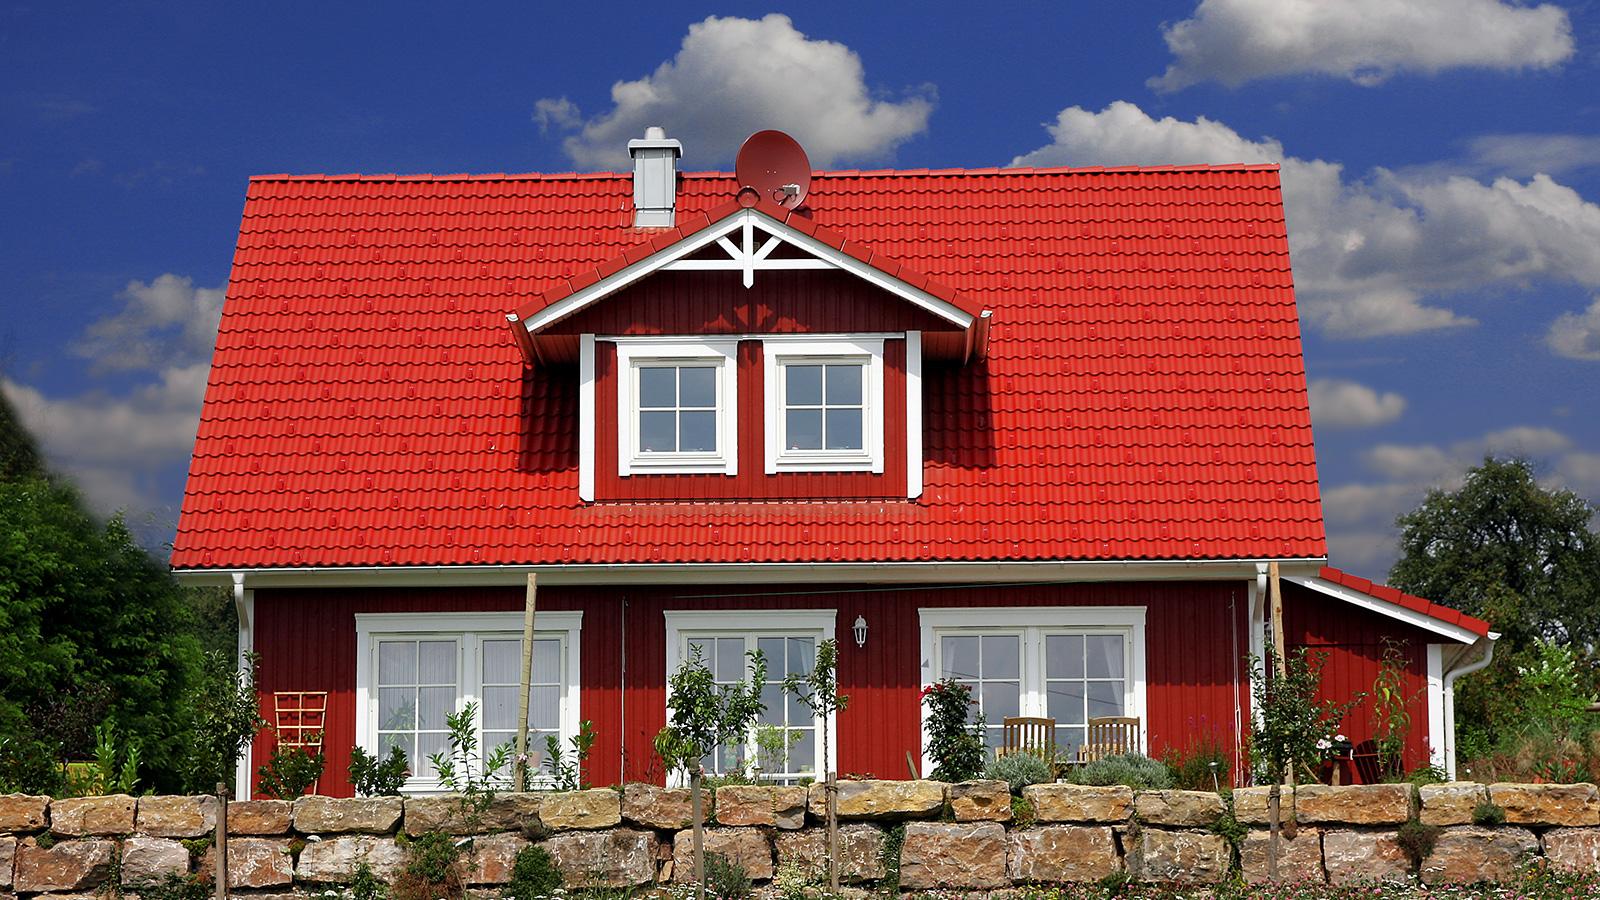 Dach Fassade Baumarkt Baustoffe